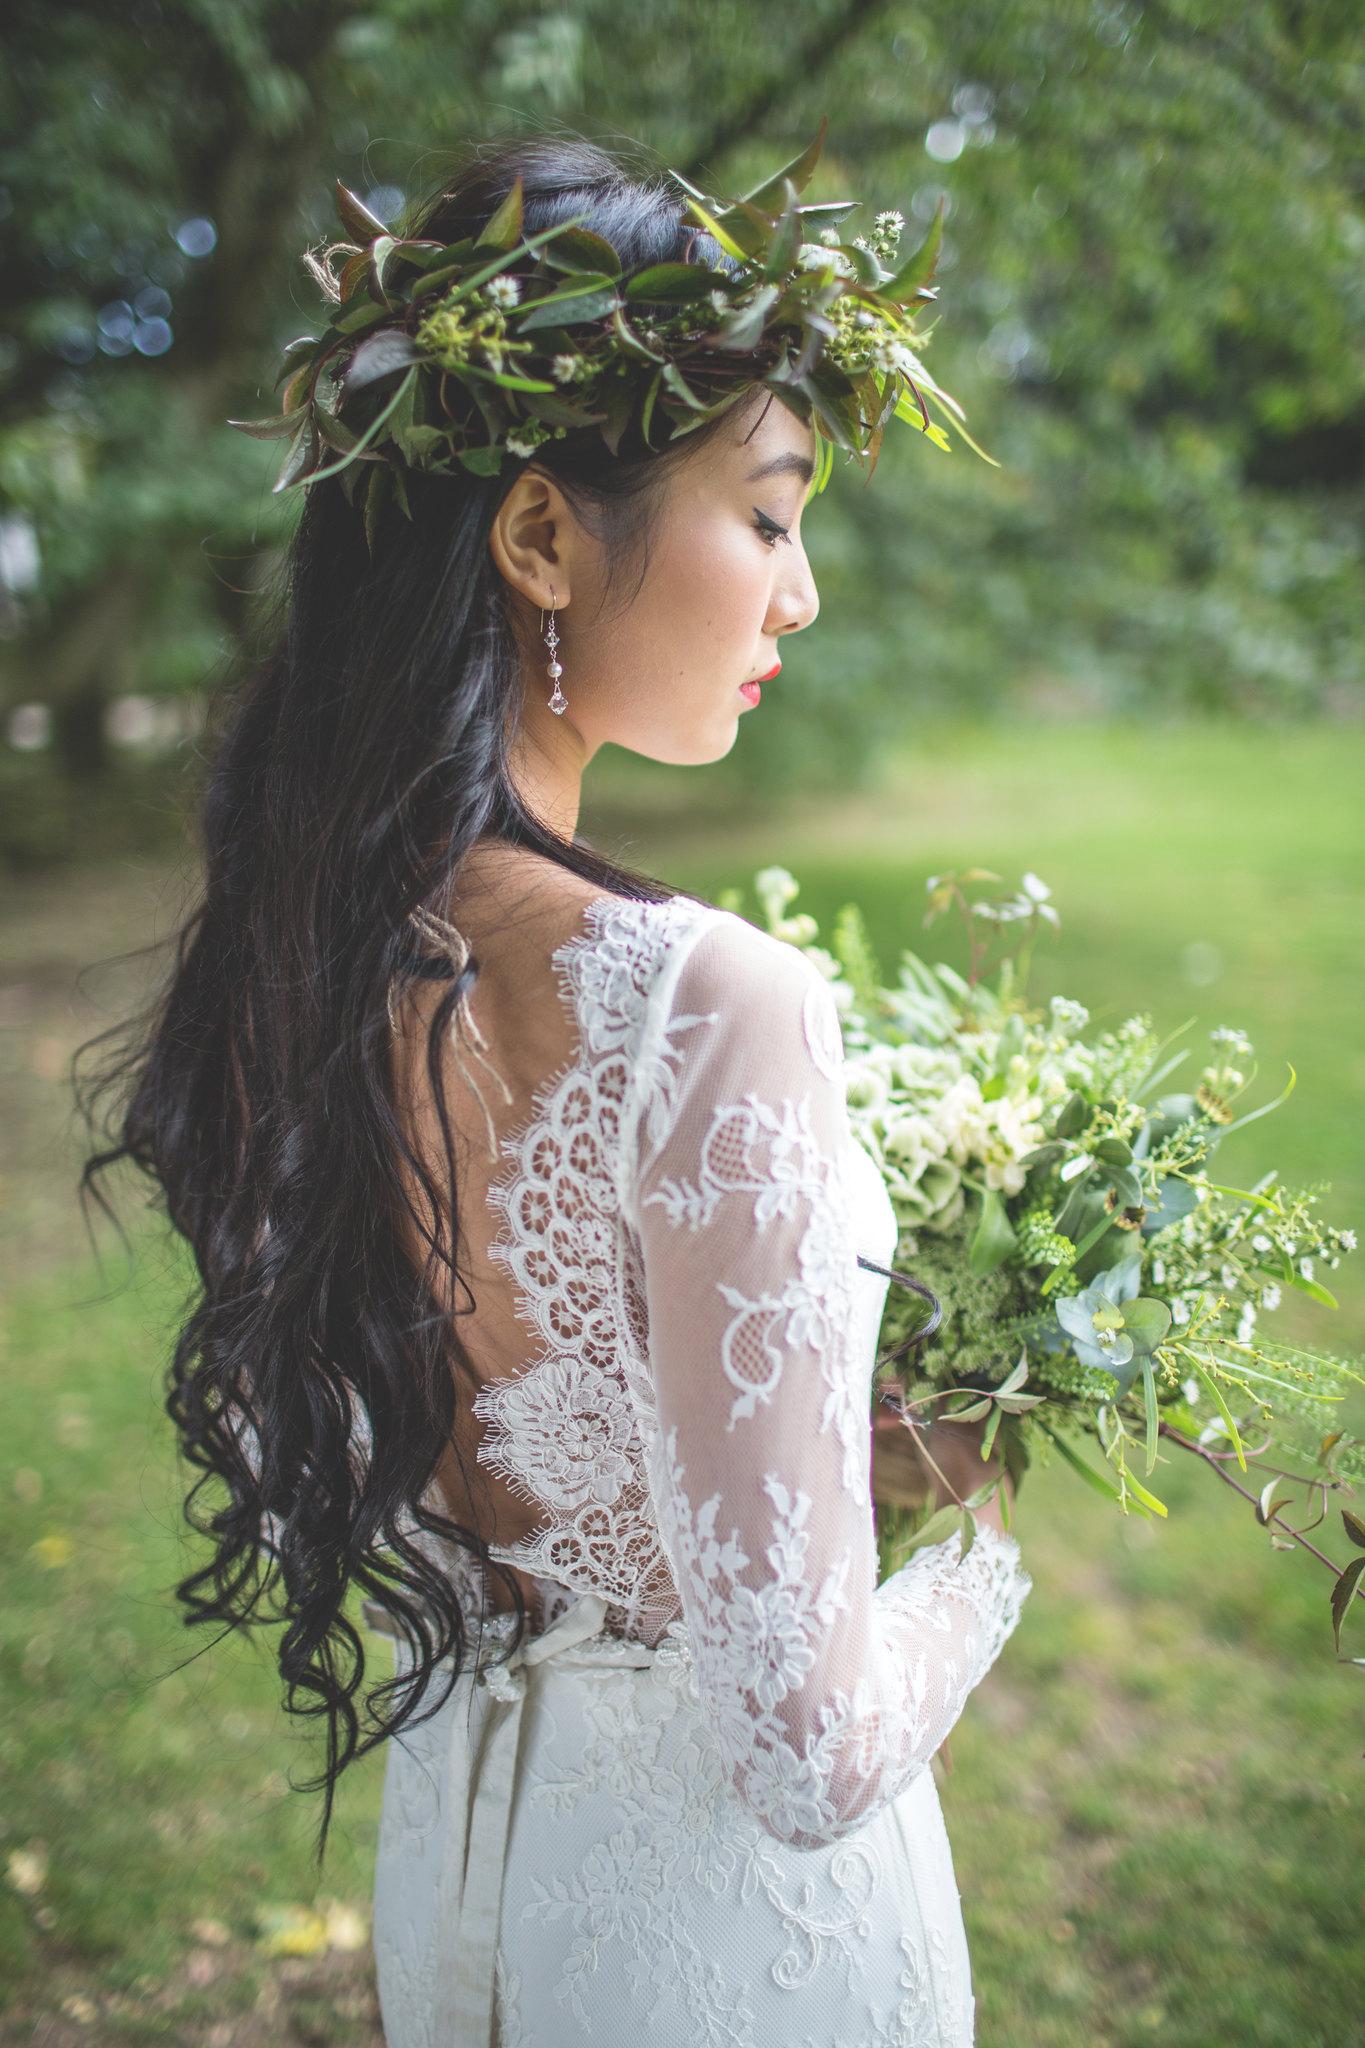 GioiaMiajewellery, earrings, wedding, bohemianwedding, floralcrown, weddingcrown,